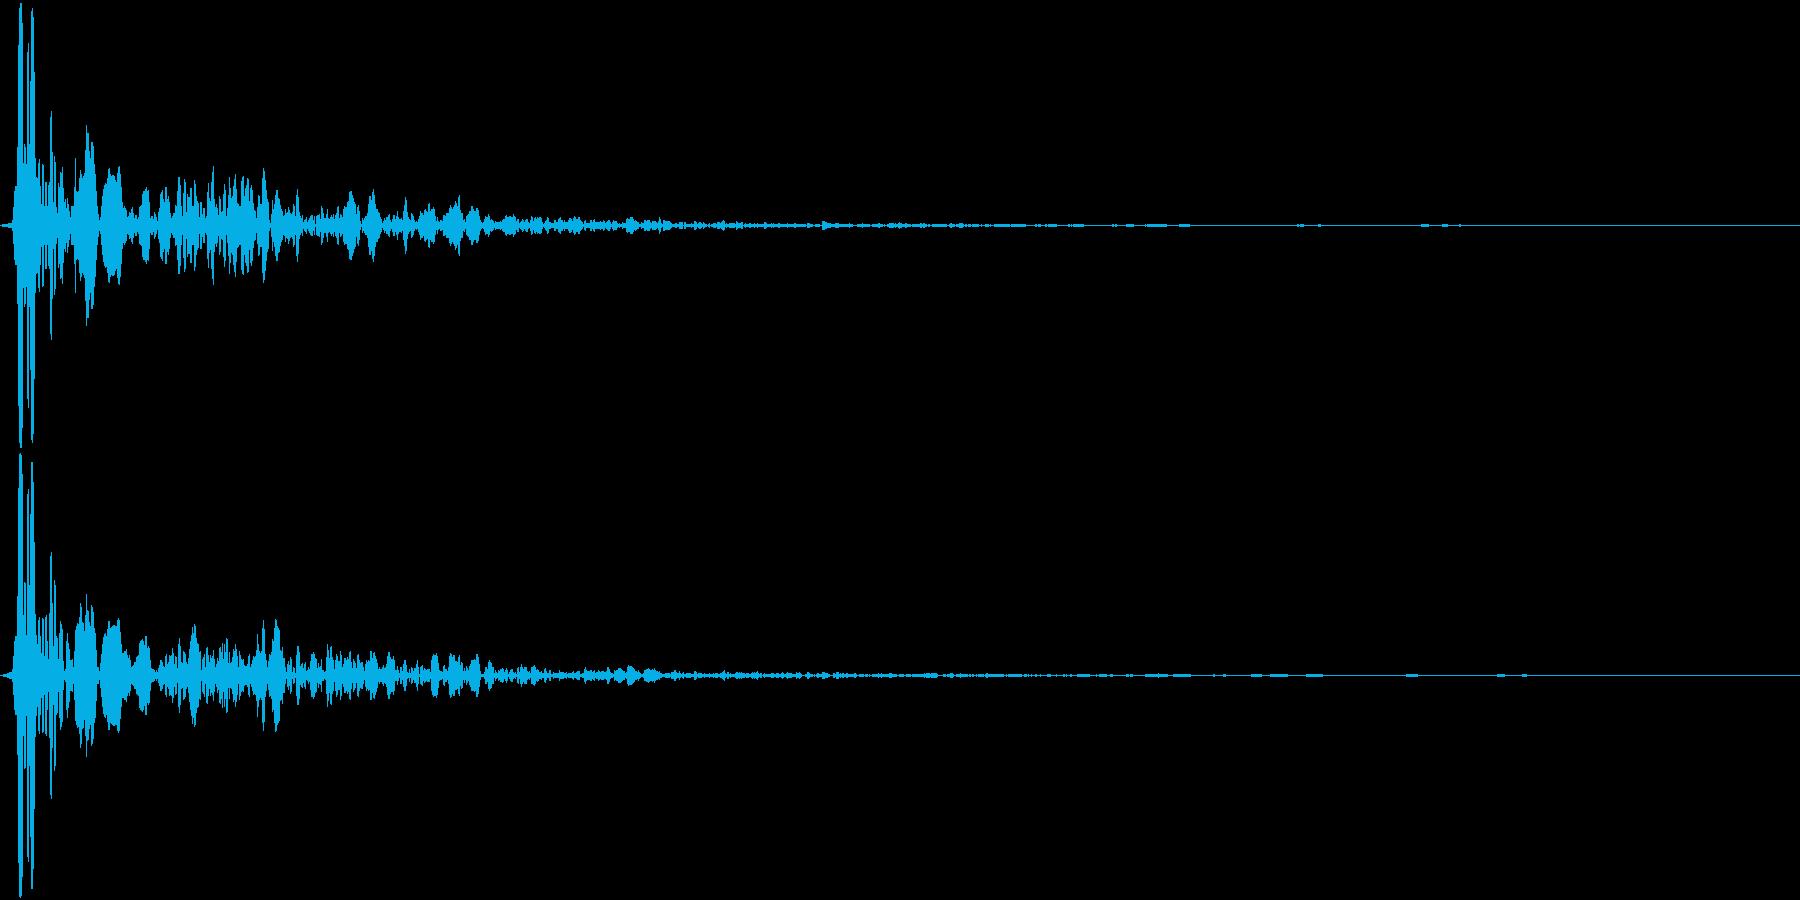 【生録音】蹴る音 キック 再現音 2の再生済みの波形